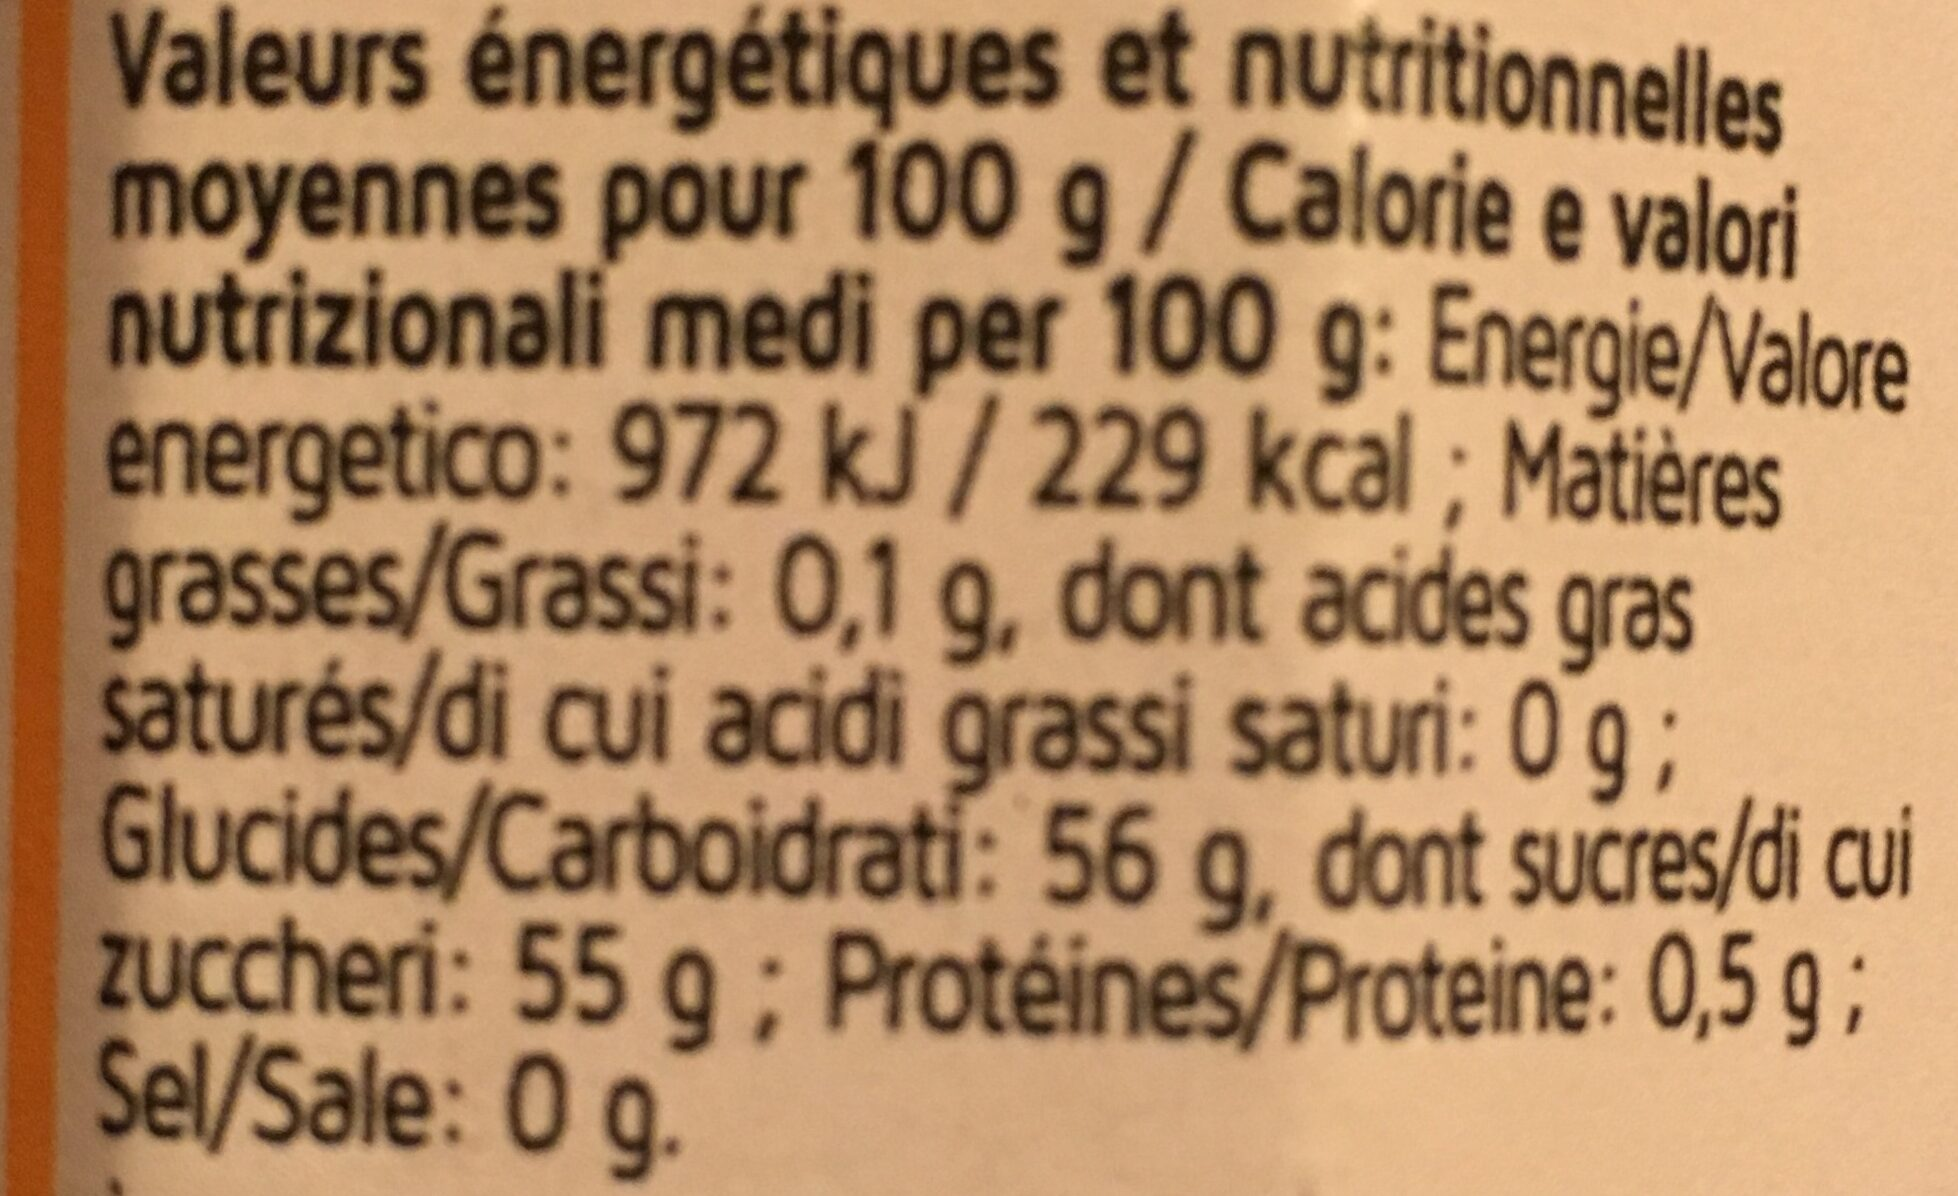 Confitures d'abricots - Informations nutritionnelles - fr